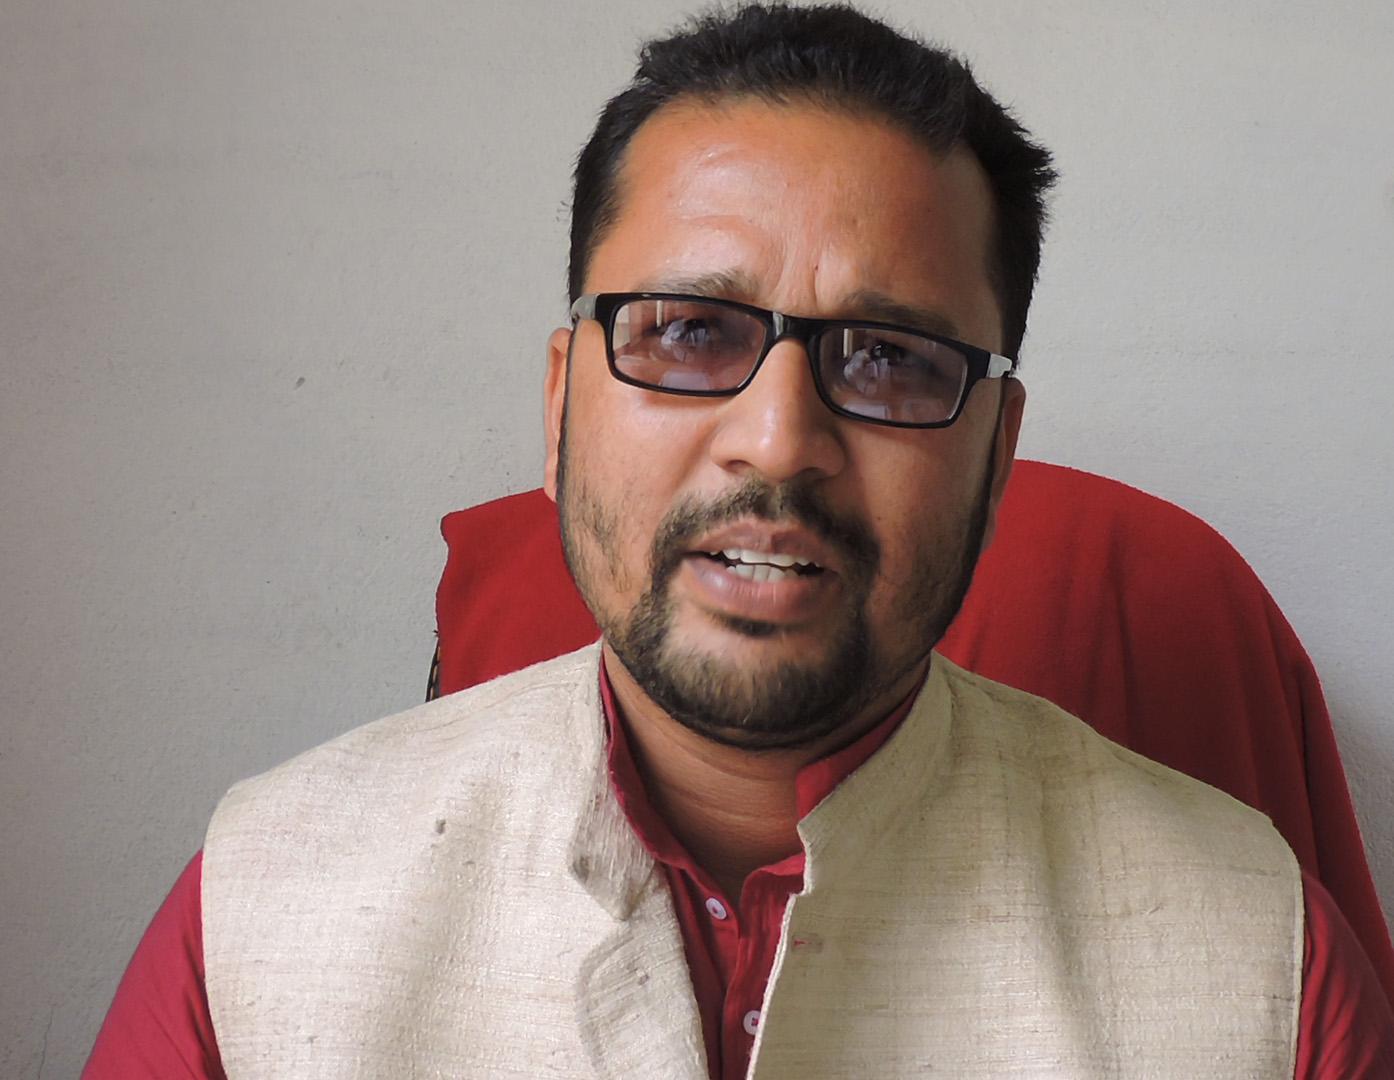 डा. सुरेन्द्र कुमार झा